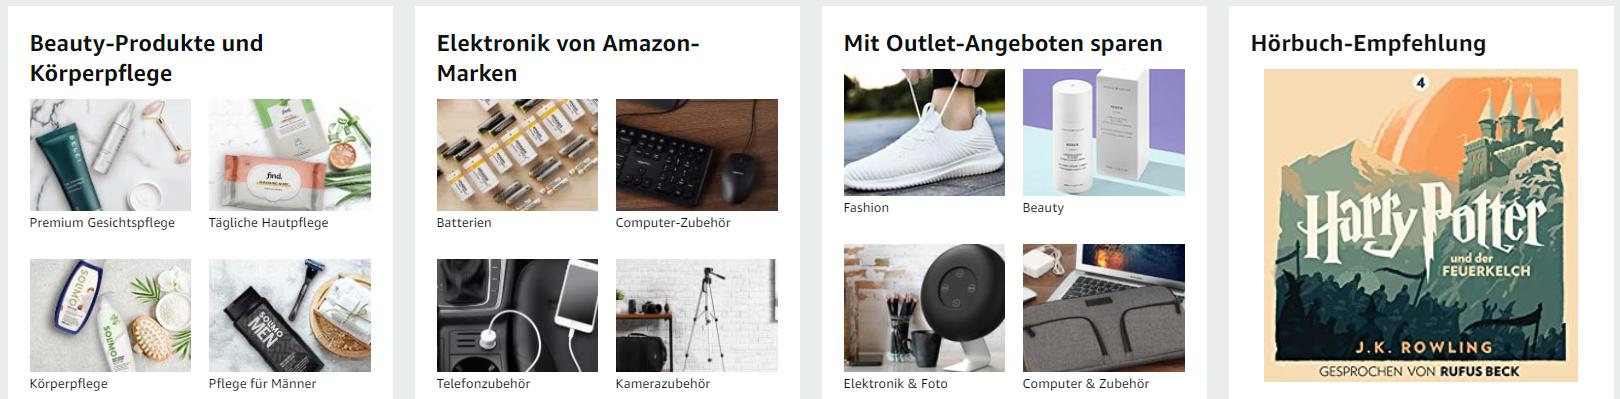 amazon bietet eine Vielzahl an Kategorien